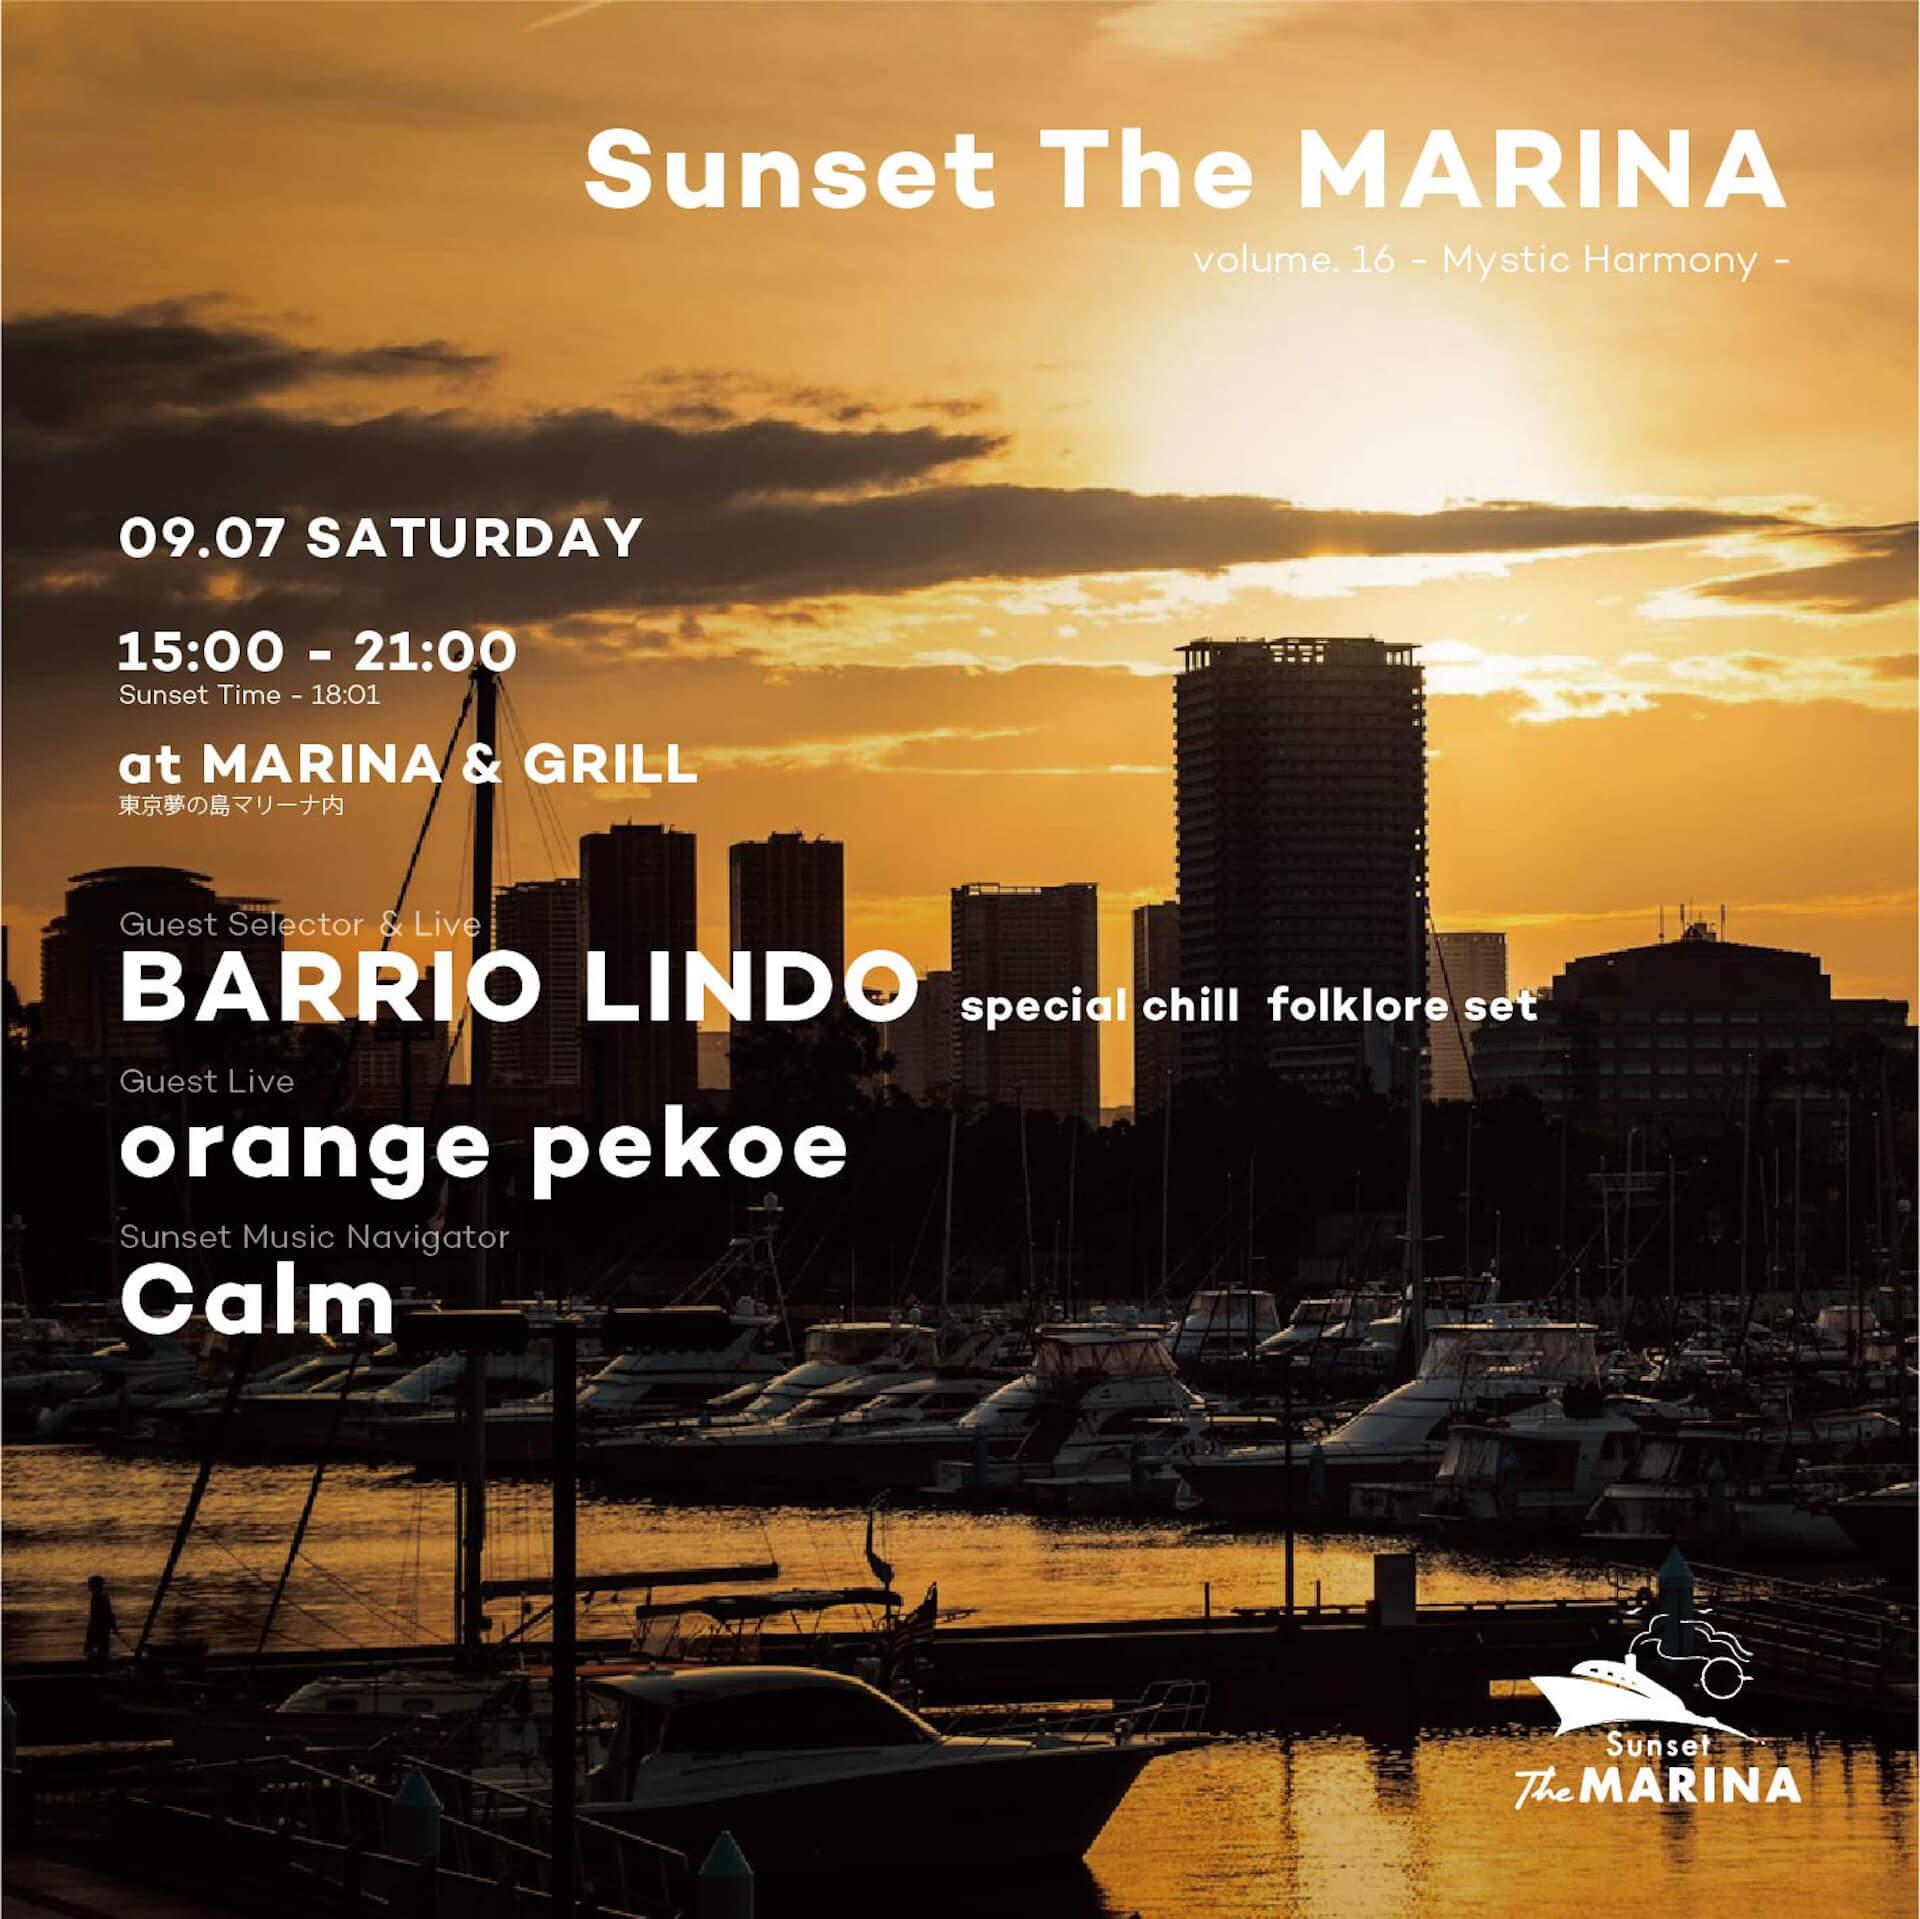 サンセットでスローダウンな休日模様を。「Sunset The MARINA」が9月に開催 music190813-sunsetthemarina-1